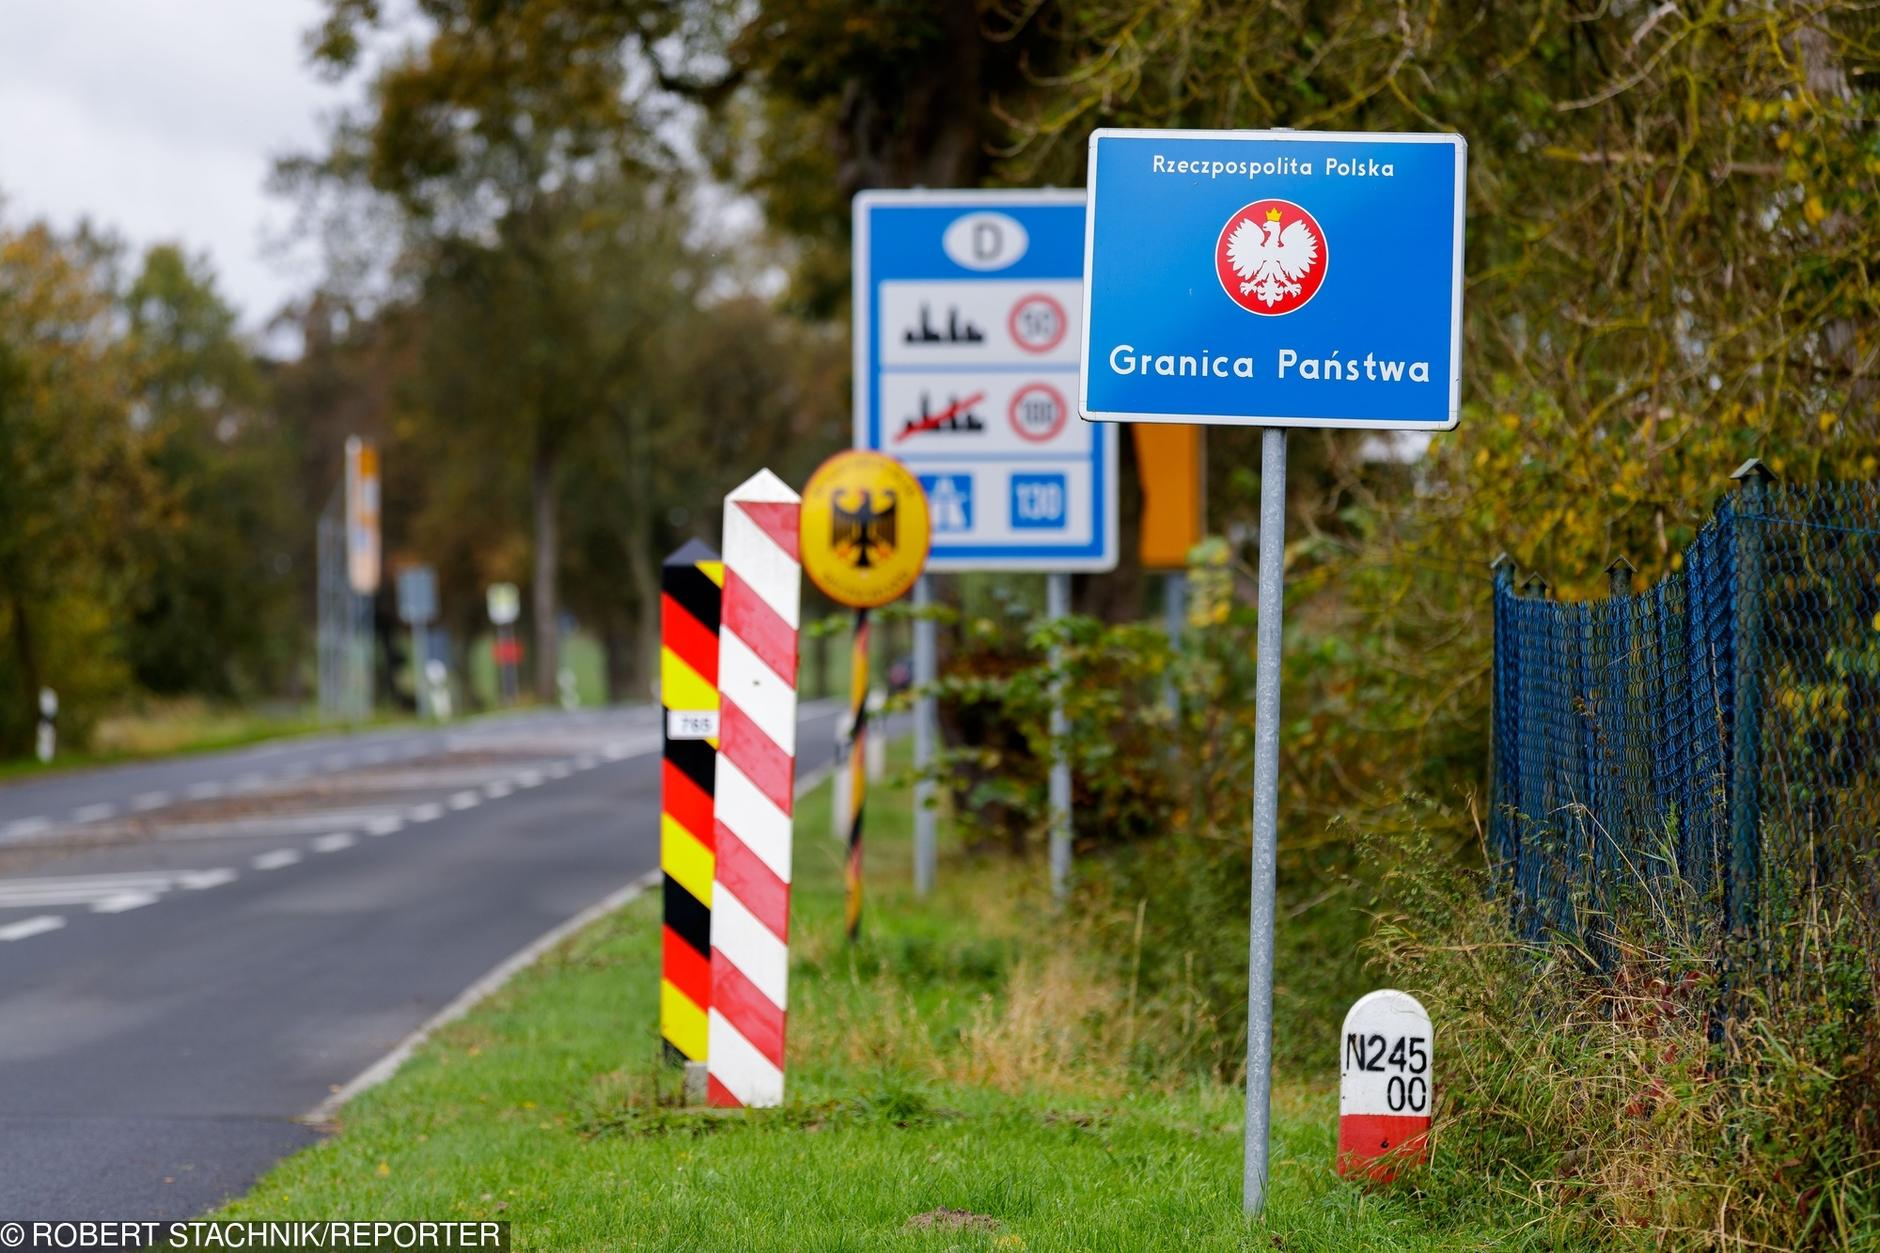 Obroty handlowe Niemiec z Polską rosną, biznes zadowolony